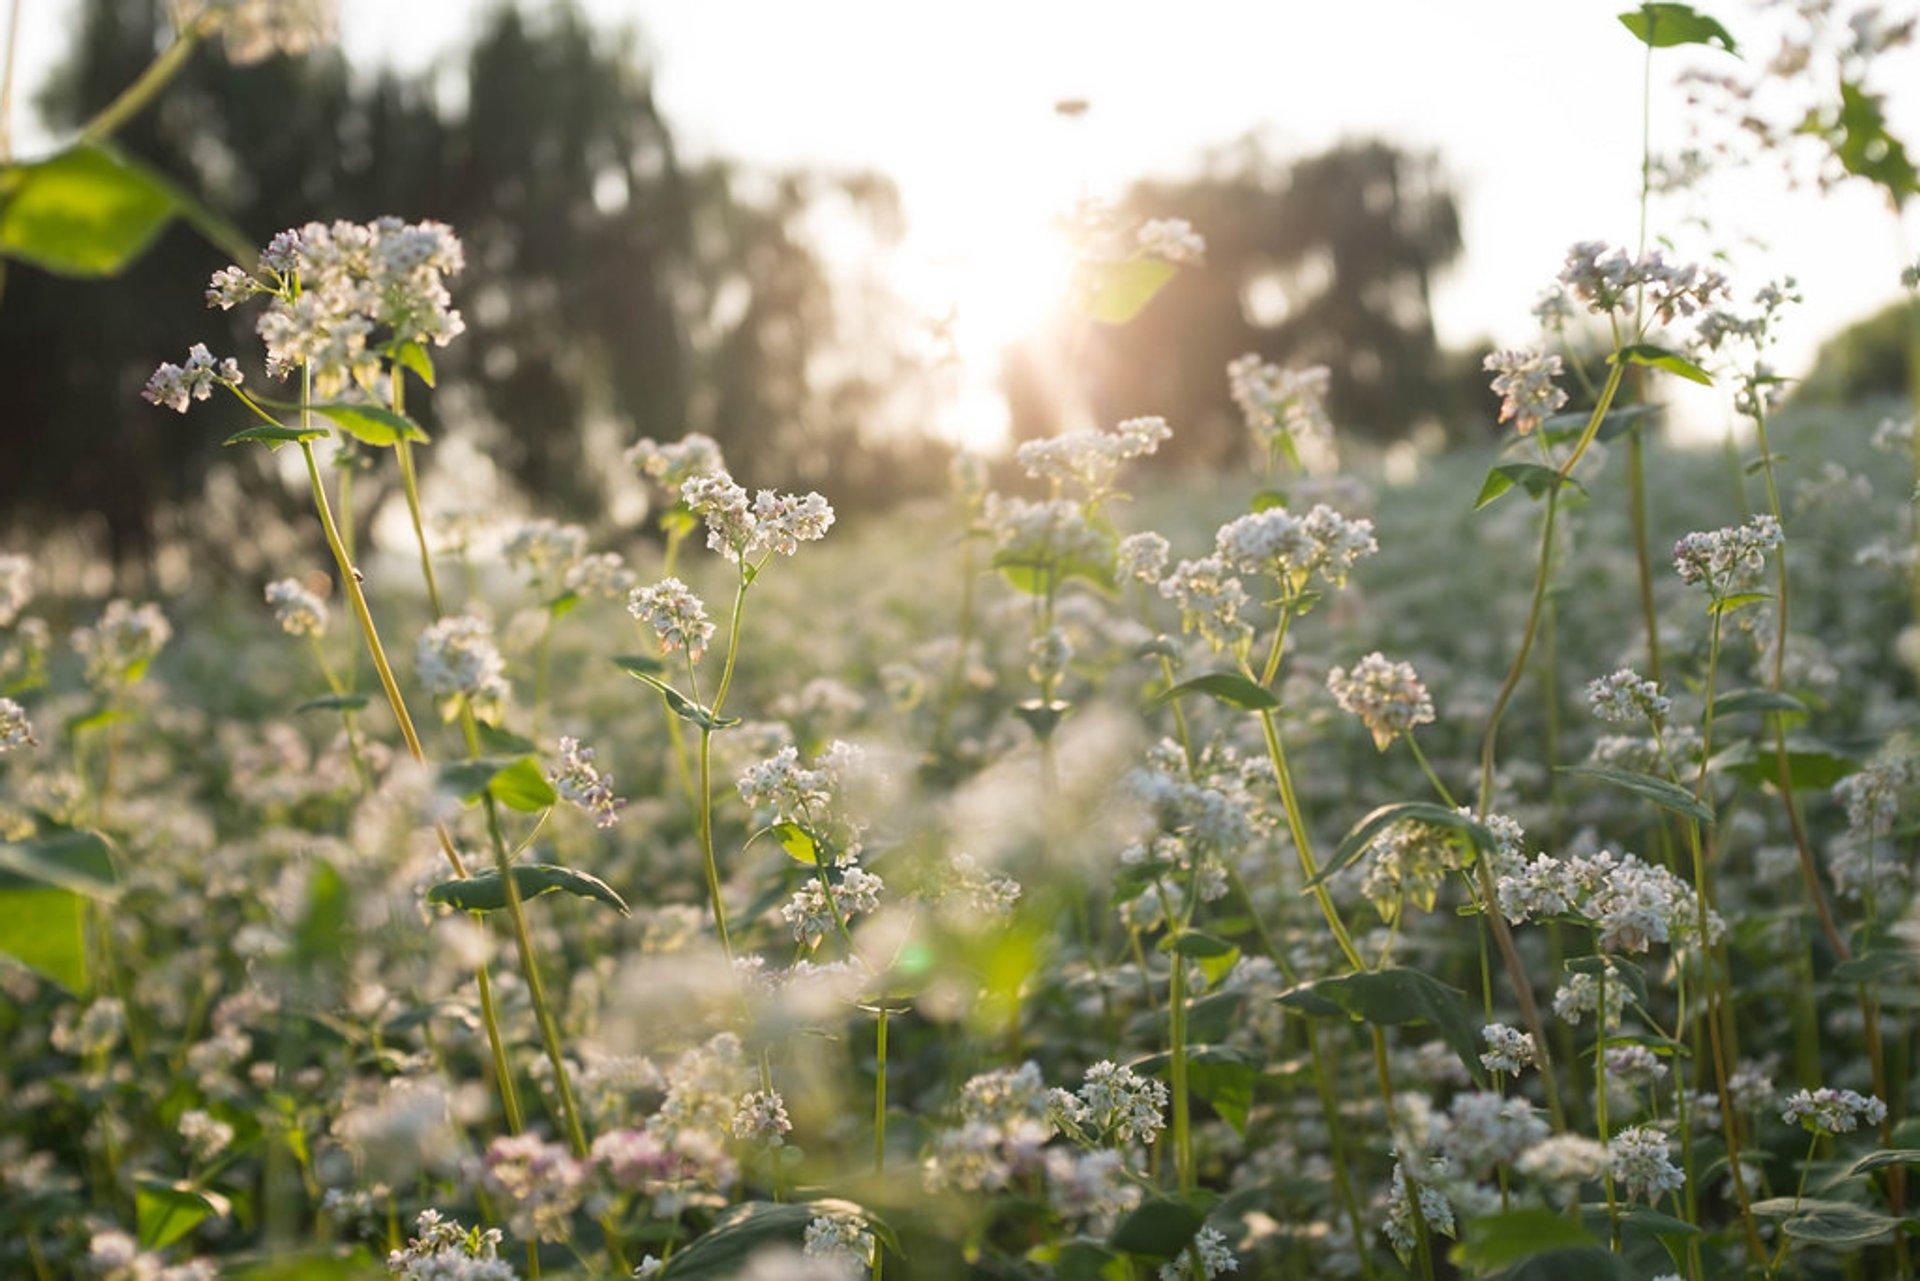 Buckwheat Bloom in South Korea - Best Season 2020